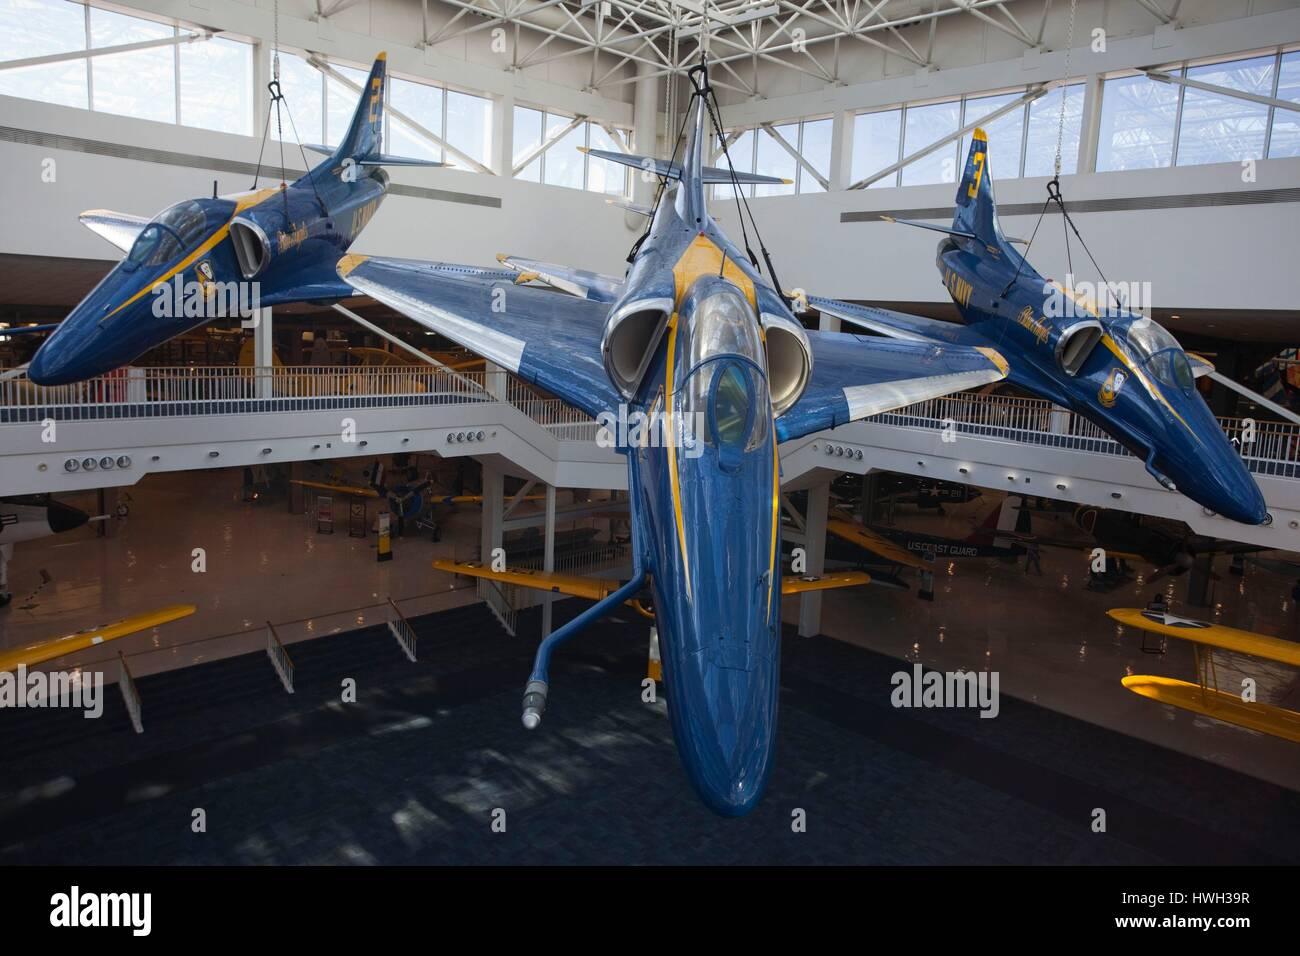 united states navy aviation